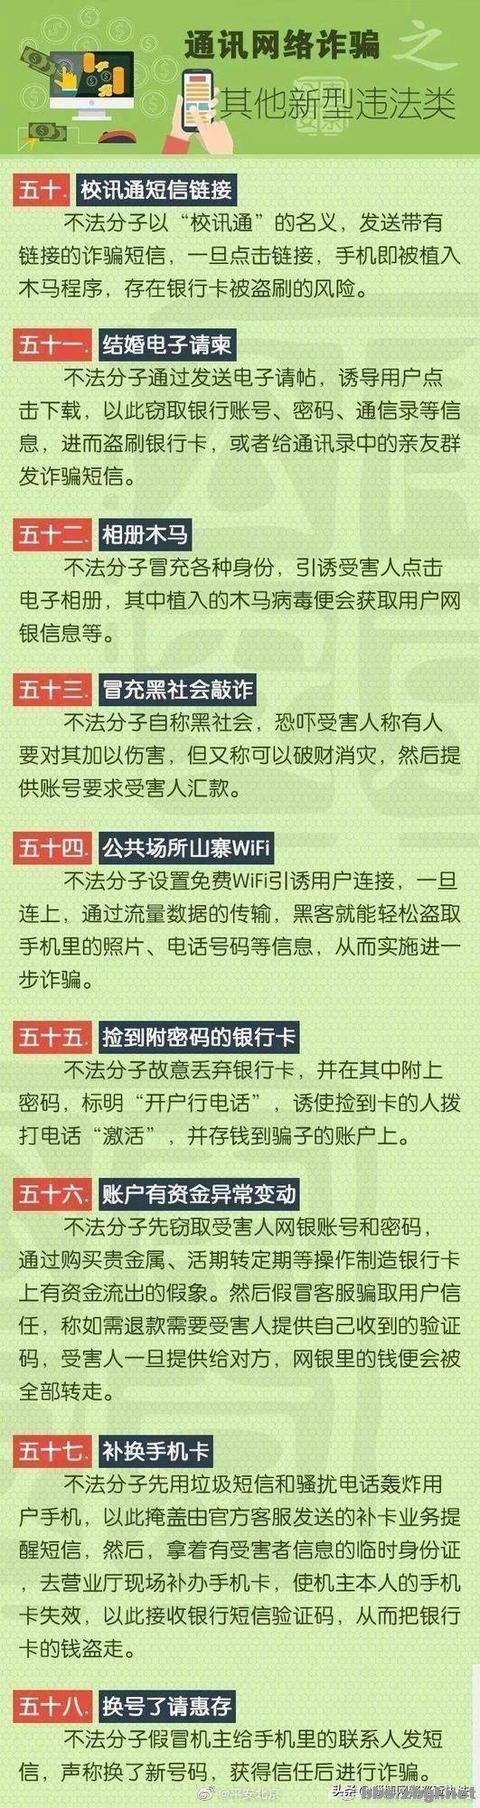 史上最全电信诈骗 58种诈骗手法9大类型 ????-8.jpg